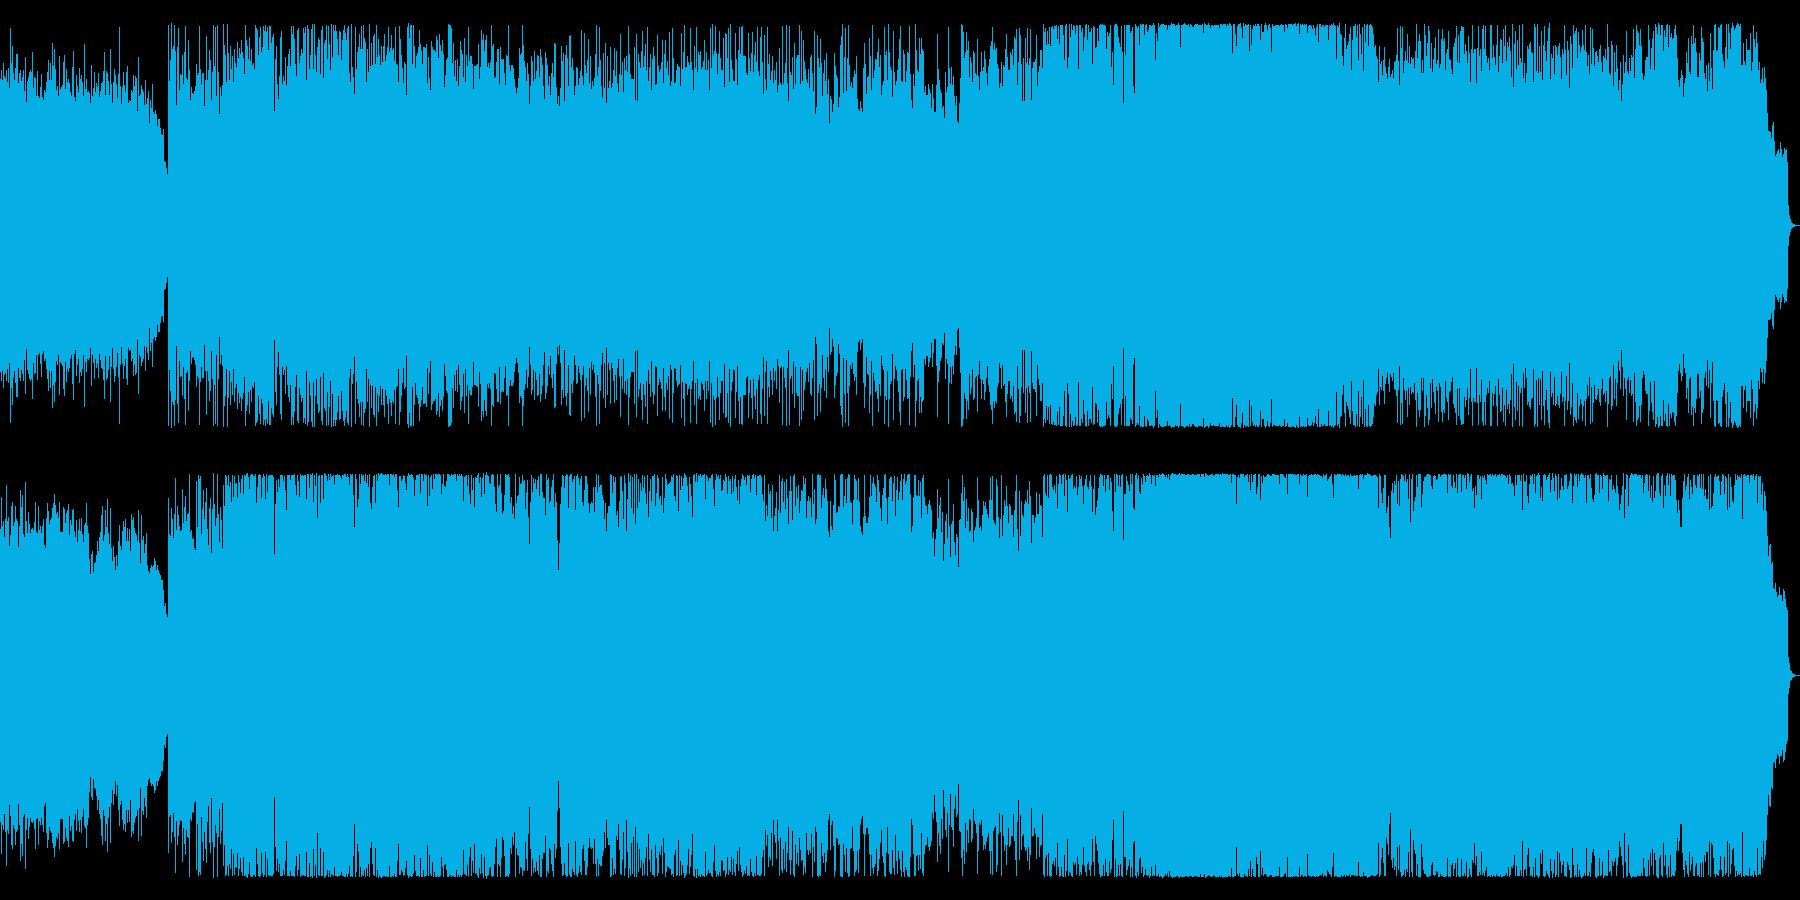 ダークで勇壮 哀愁感のあるスローなメタルの再生済みの波形